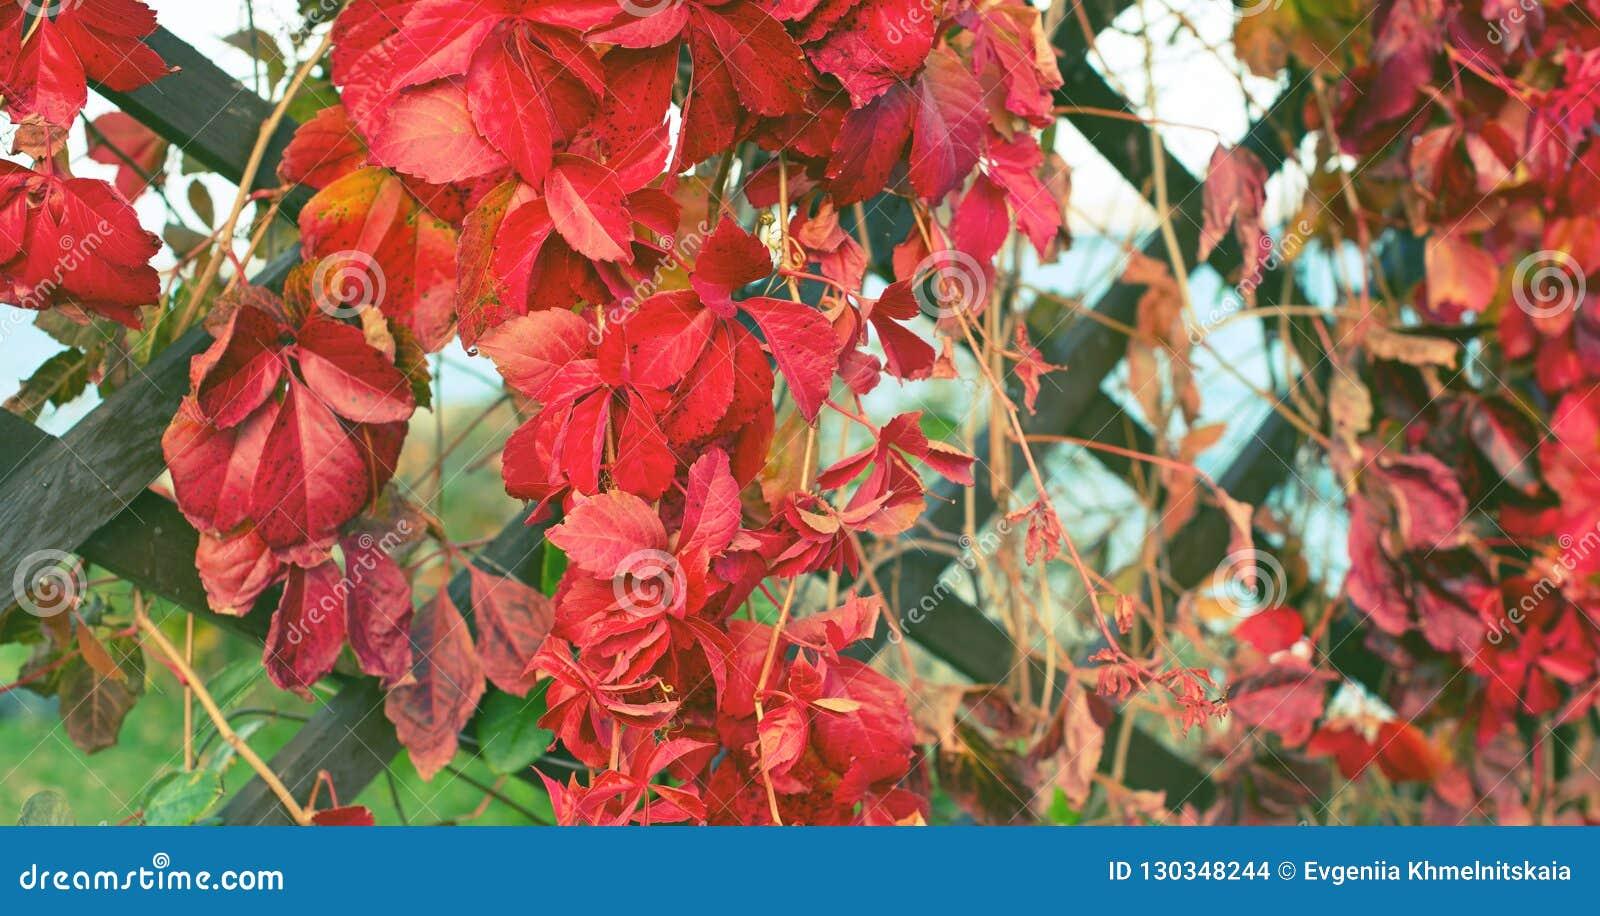 Ландшафта осени загородки природного парка листвы завода осени знамени фокус красного деревянного ретро красивого выборочный